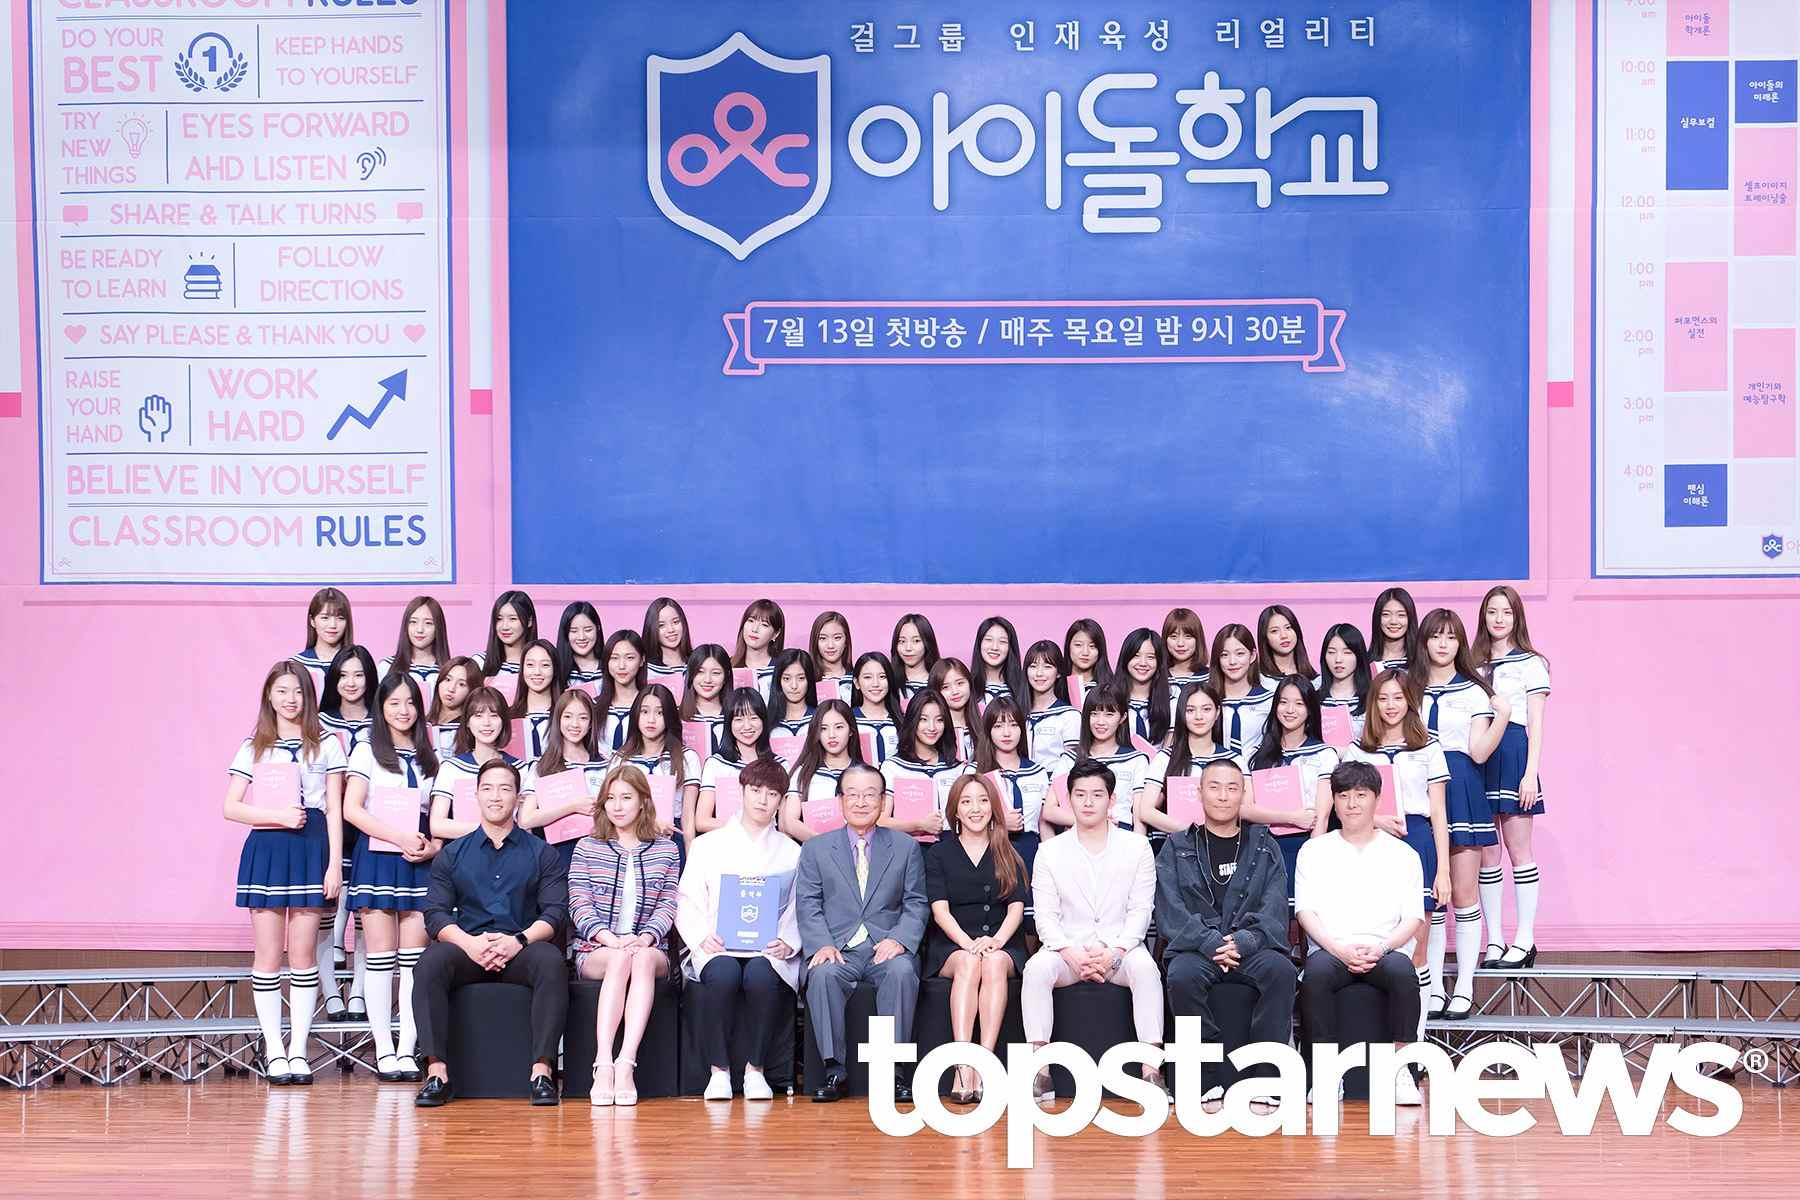 《偶像學校》播出至今每集都受到很大的矚目, 除了在韓國收視率相當高之外就連海外的觀看次數也非常可觀,由此可見《偶像學校》的火熱程度